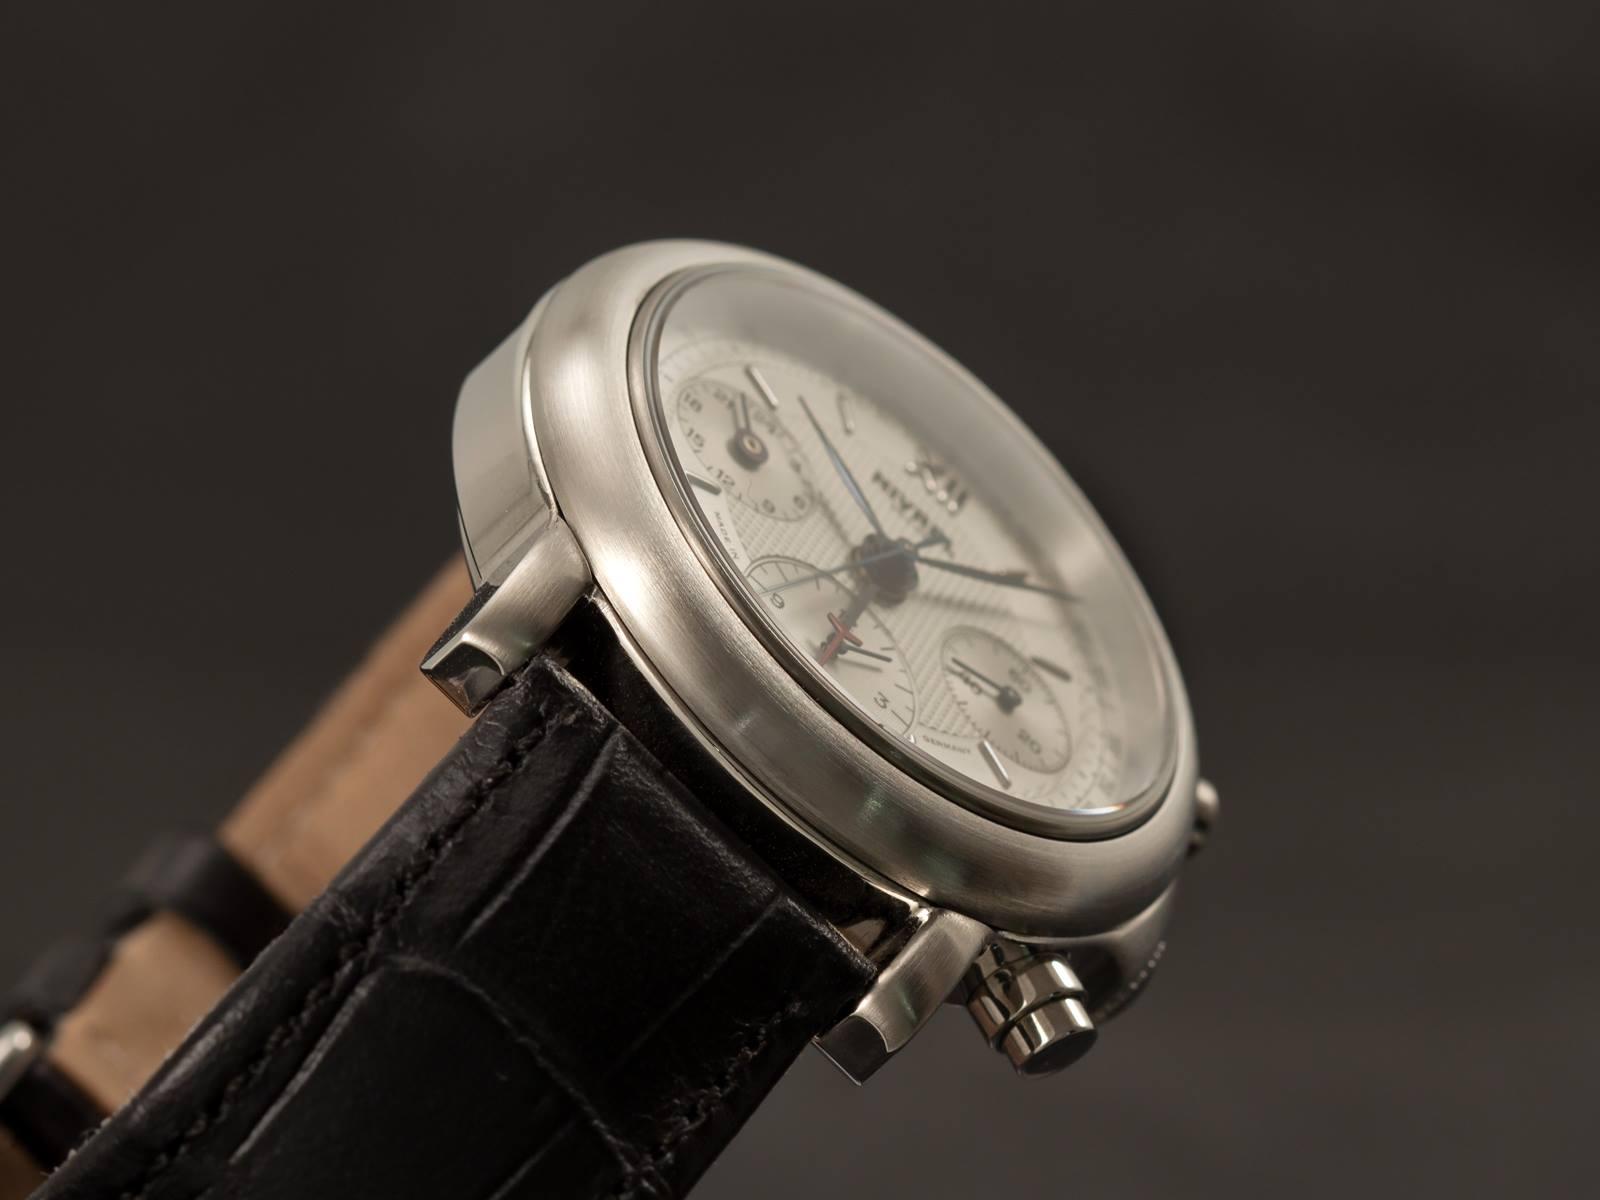 Kliknite za sliku za veću verziju  Ime:Nivrel-Heritage-Chronographe-Minutes-satovi-4.jpg Viđeno:135 Veličina:77,8 KB ID:84736